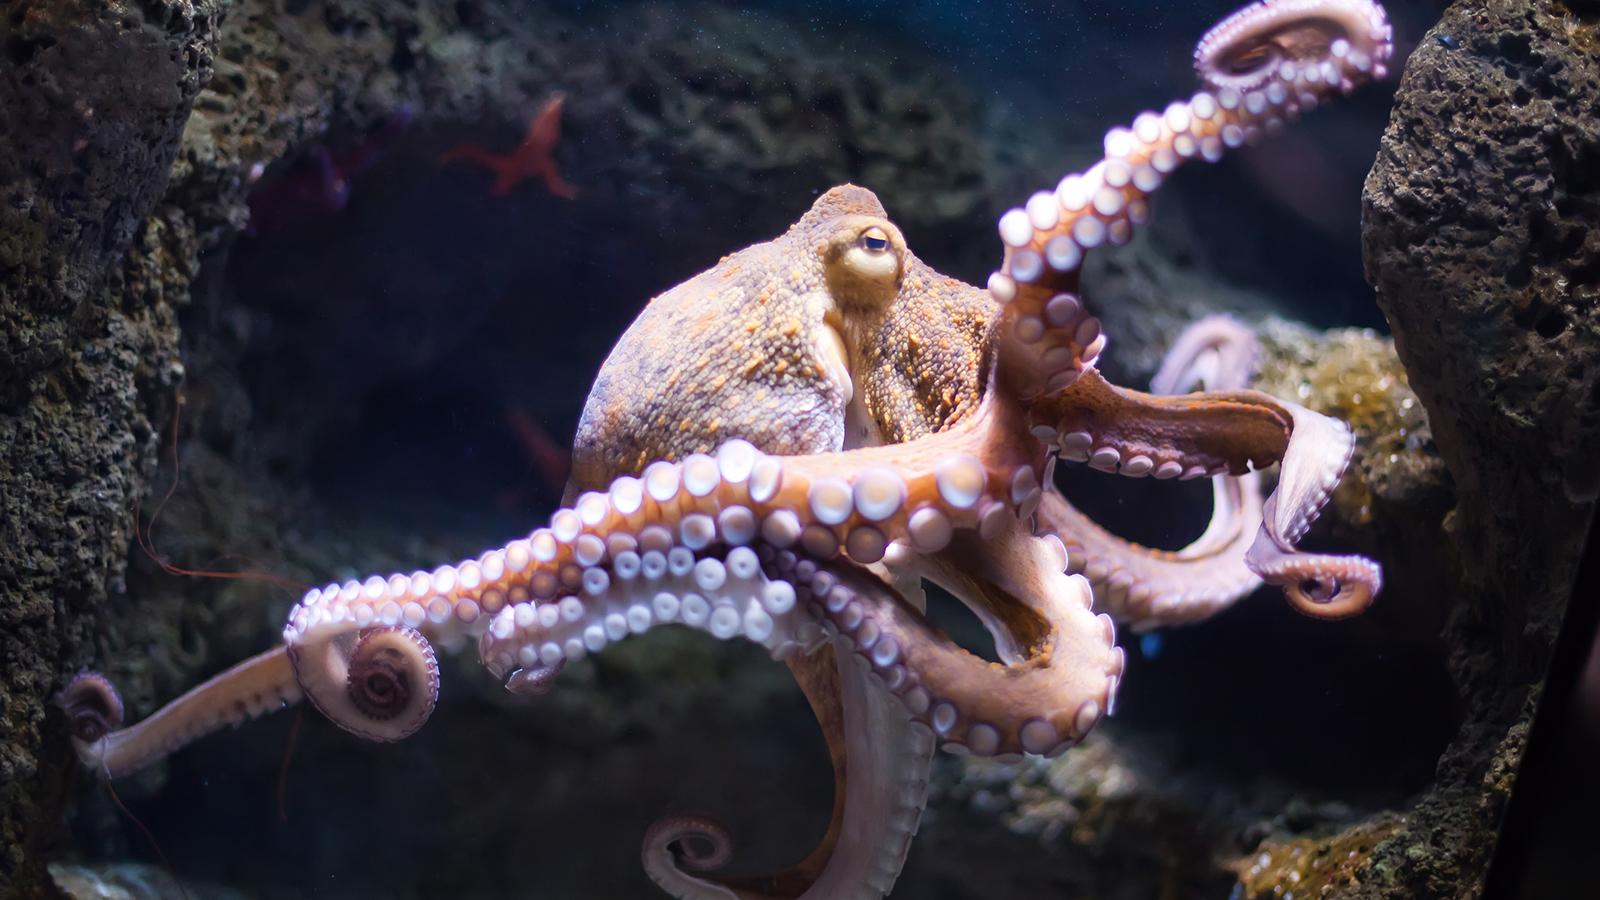 ¿Por qué los calamares podrían ser la solución para reemplazar el plástico?